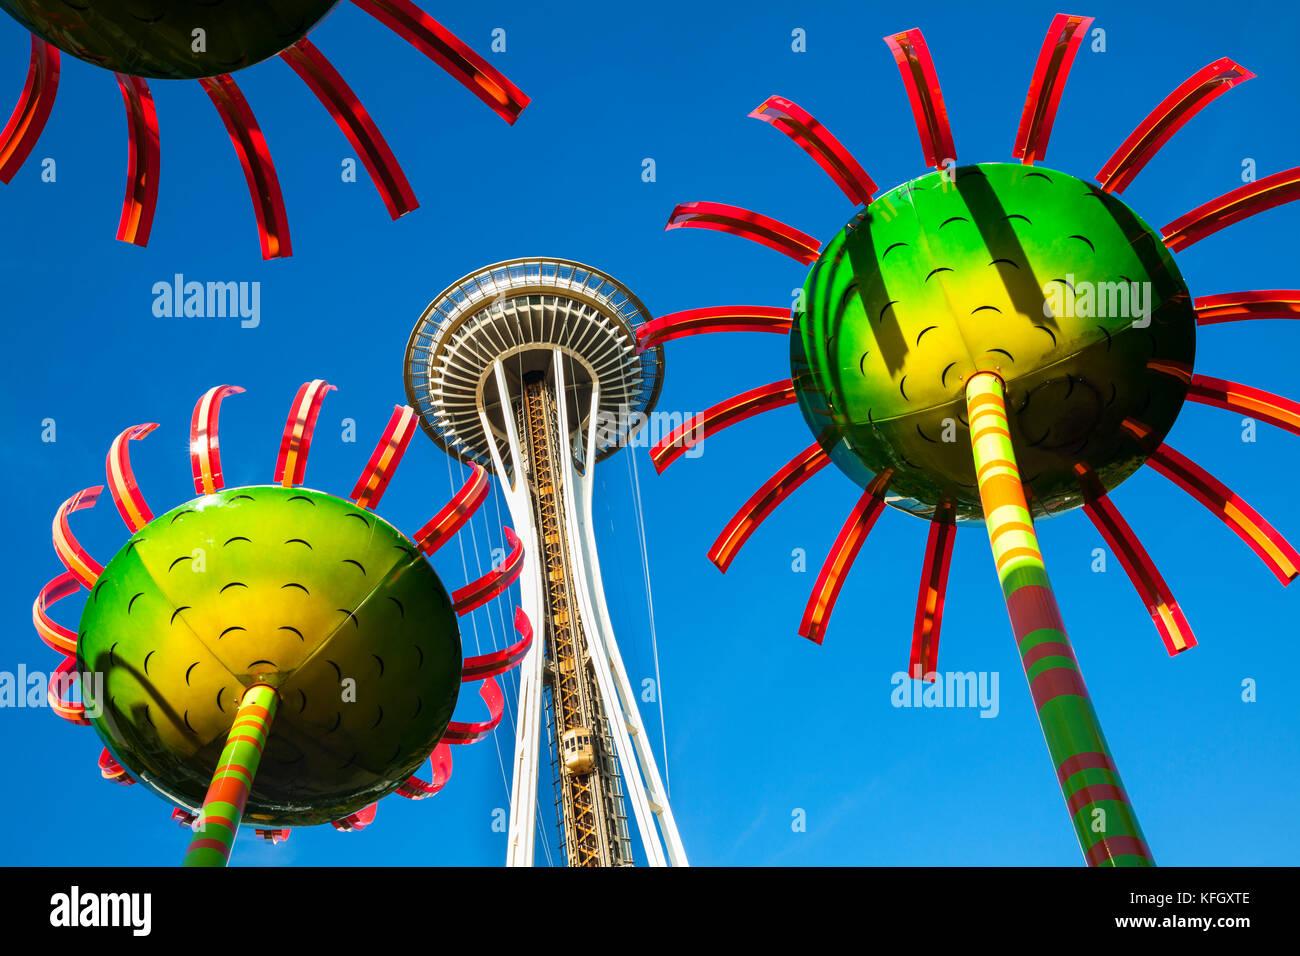 WA141445-00...WASHINGTON - Il display si chiama Sonic Bloom con lo Space Needle si trova nel centro di Seattle. Immagini Stock